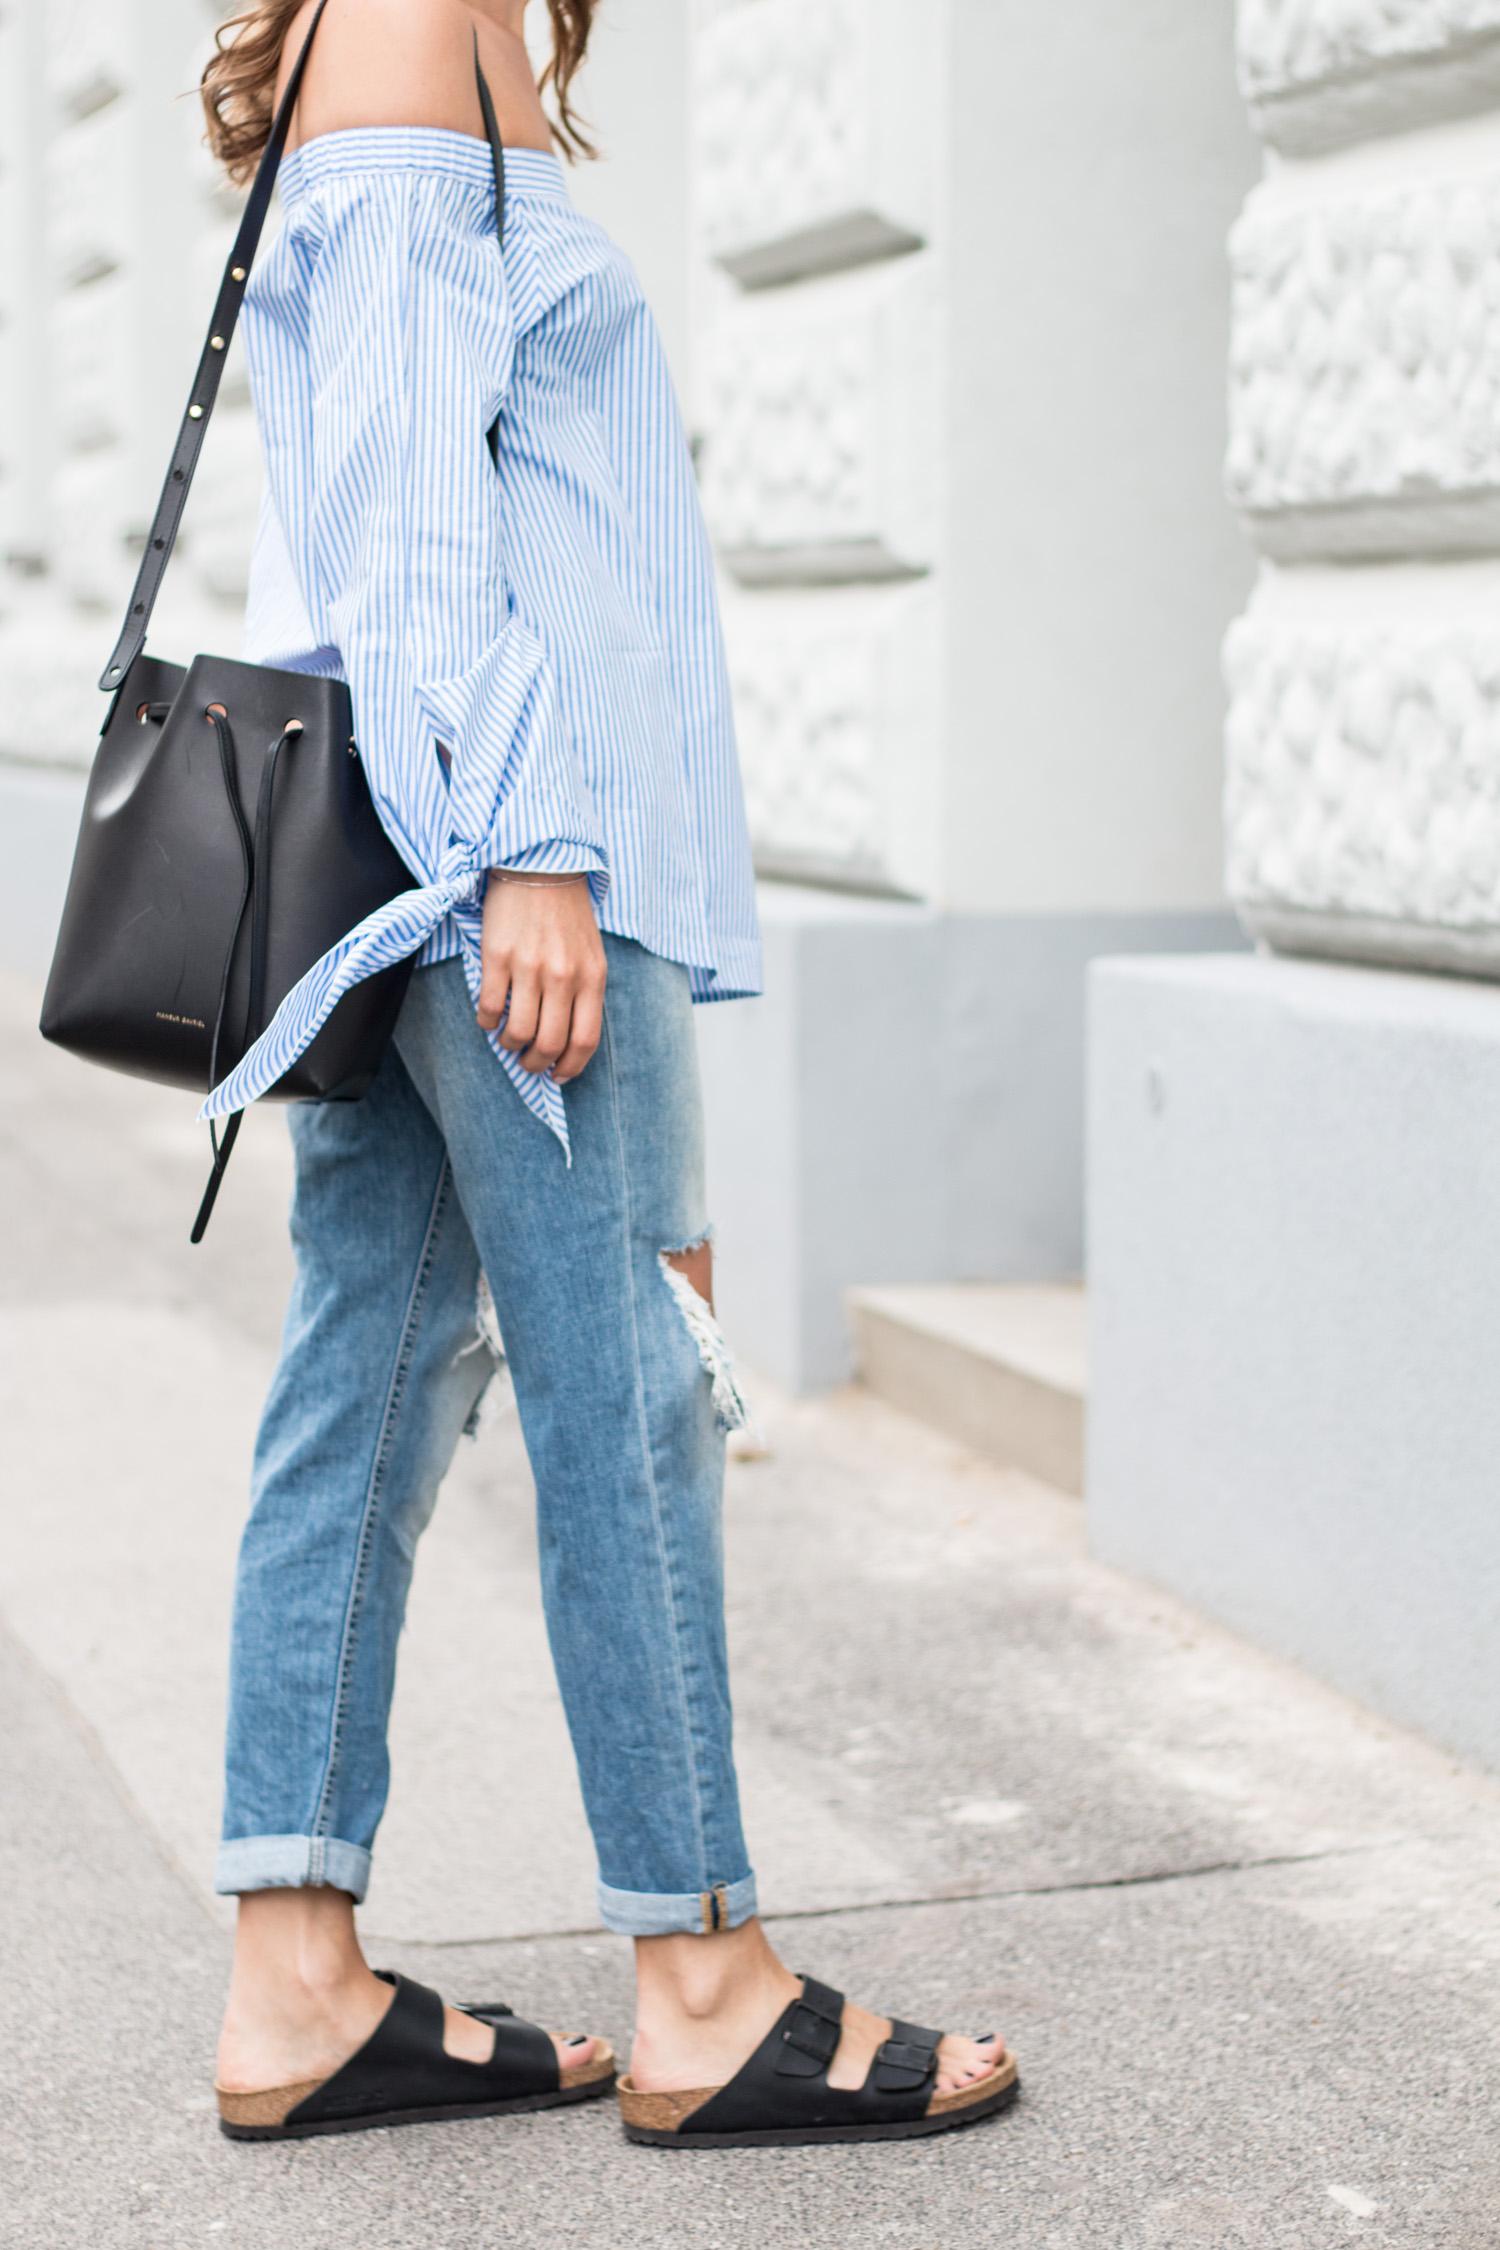 Striped Off Shoulder Top, Ripped Jeans, Birkenstocks